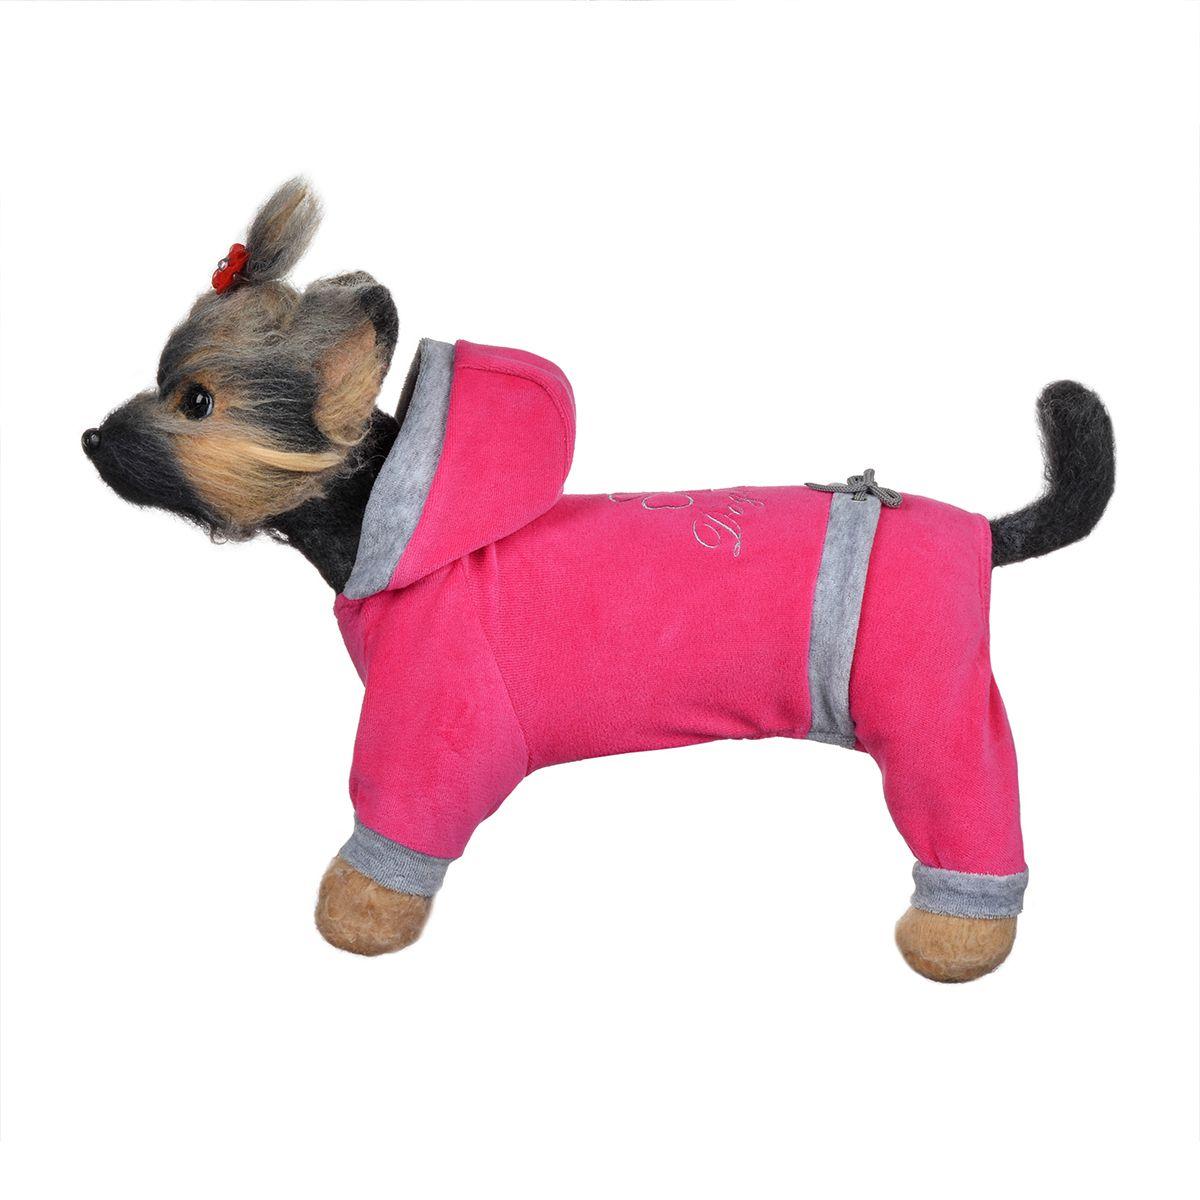 Комбинезон для собак Dogmoda Хоум, унисекс, цвет: розовый, серый. Размер 4 (XL) комбинезон для собак dogmoda грин унисекс цвет зеленый синий белый размер 4 xl